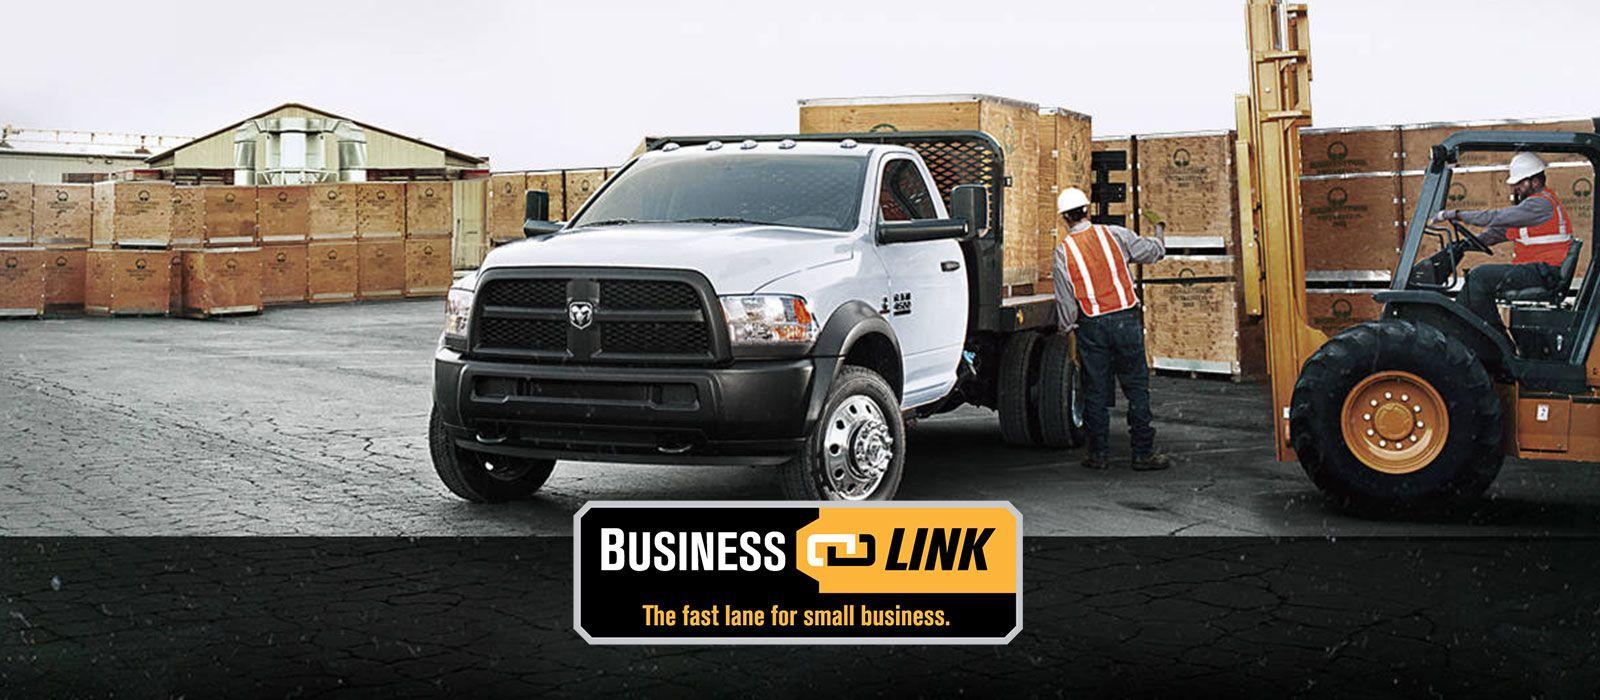 BusinessLink